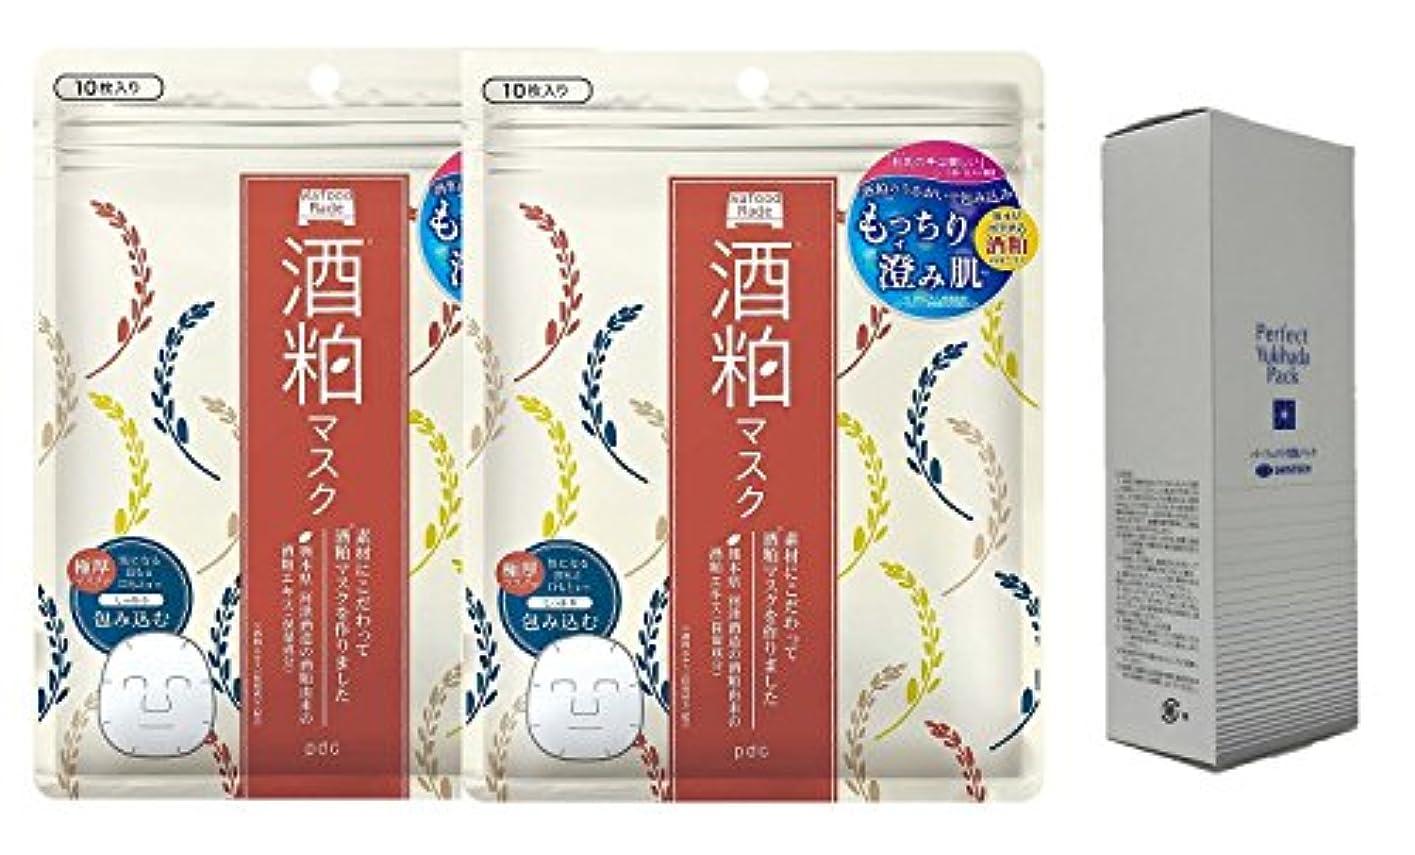 ワフードメイド酒粕マスク 10枚入りx2袋とパーフェクト雪肌フェイスパック 130g 日本製 美白、保湿、ニキビなどお肌へ SHINTECH